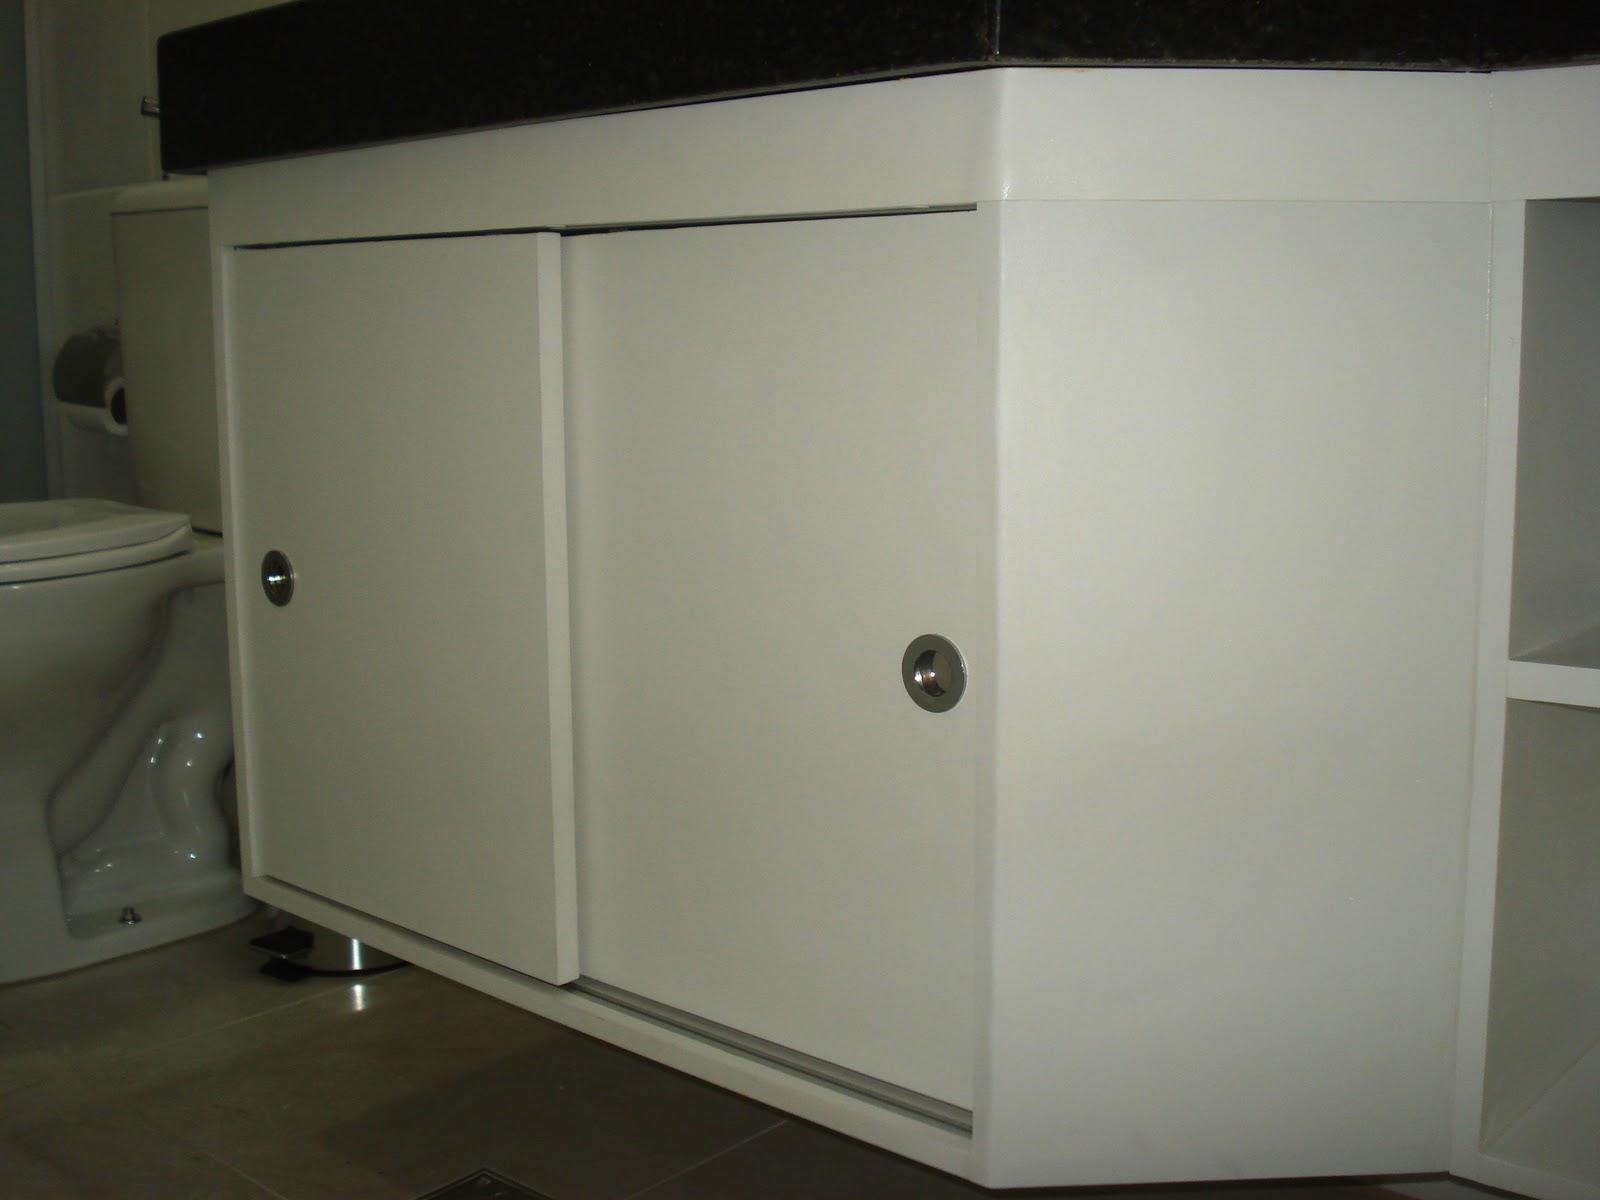 Lopes Armários Planejados Armário de Banheiro  Branco com Portas de Correr -> Armario De Banheiro Com Chave